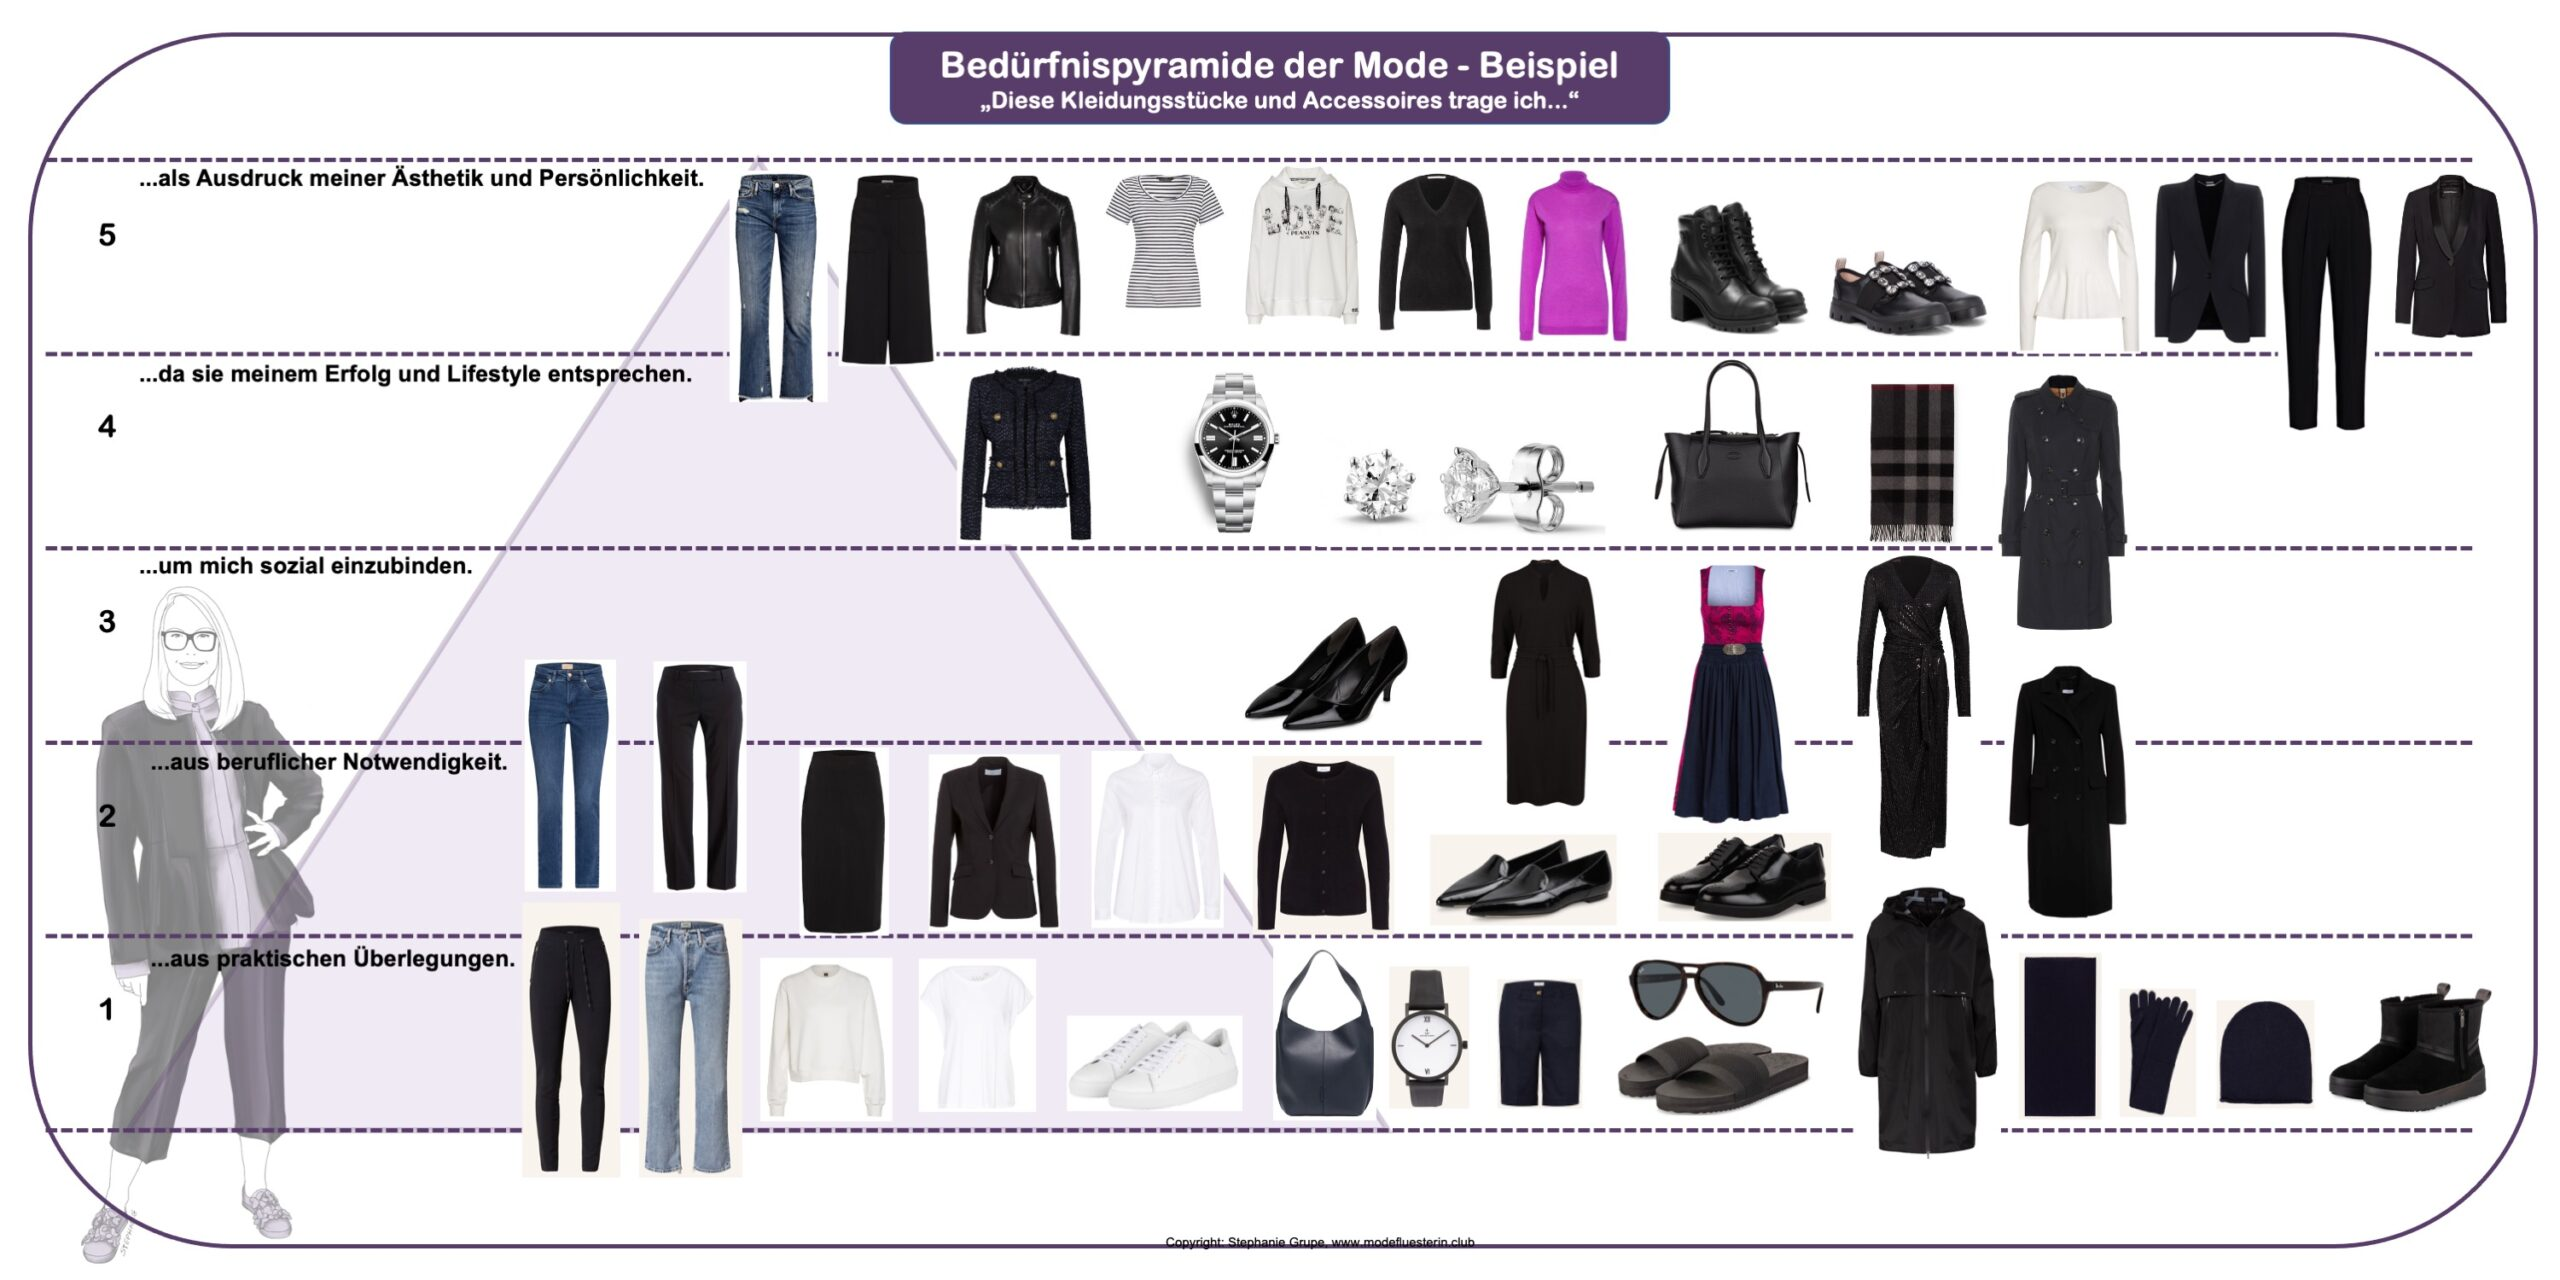 Bedürfnispyramide der Mode - Beispiel